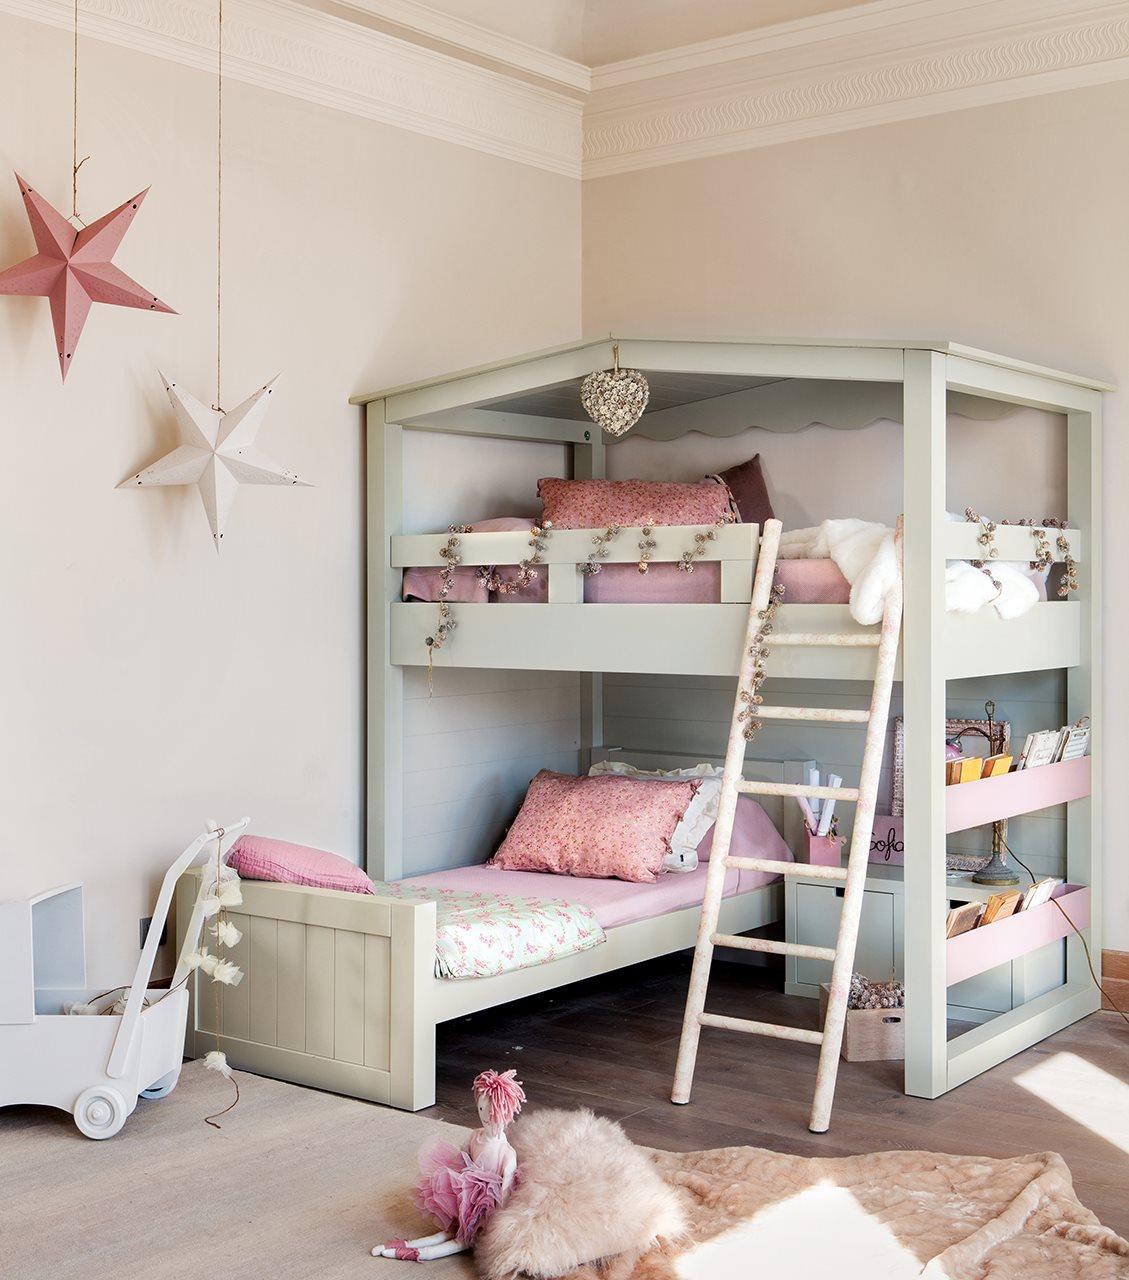 Дитяча кімната для двох дітей: фото + ідеї